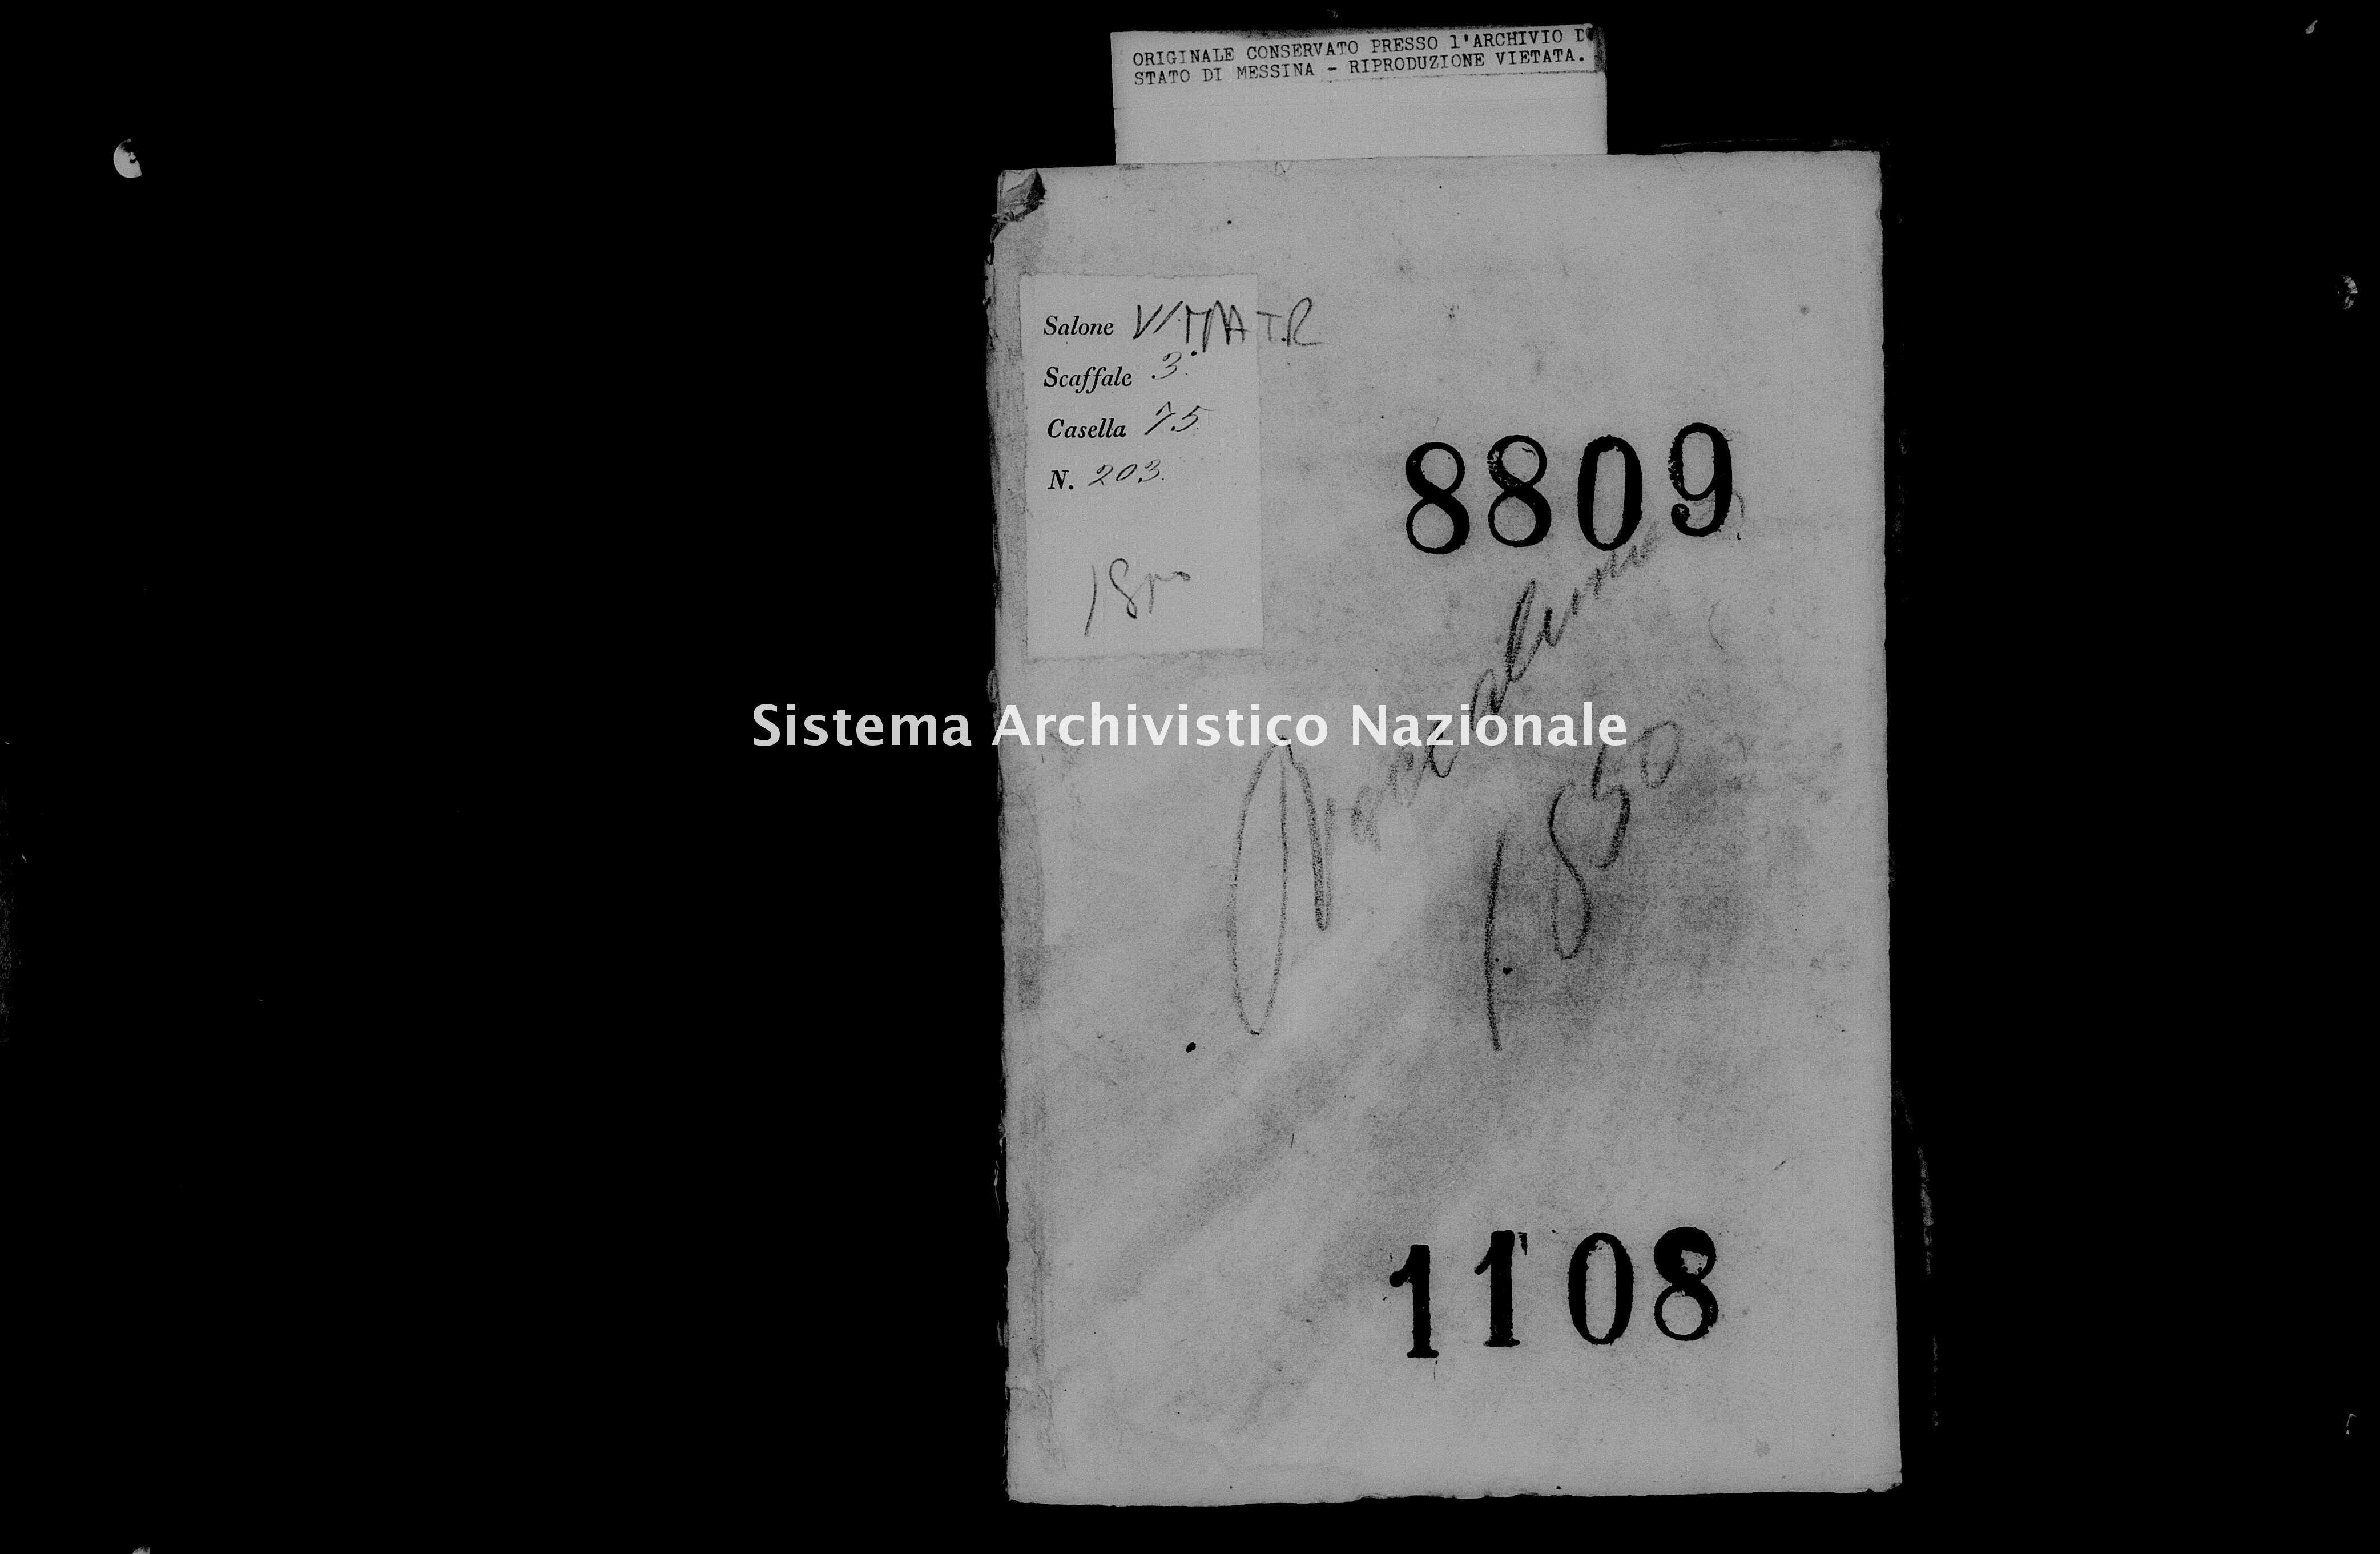 Archivio di stato di Messina - Stato civile della restaurazione - Roccalumera - Matrimoni - 09/02/1850-23/10/1850 - 1108 -